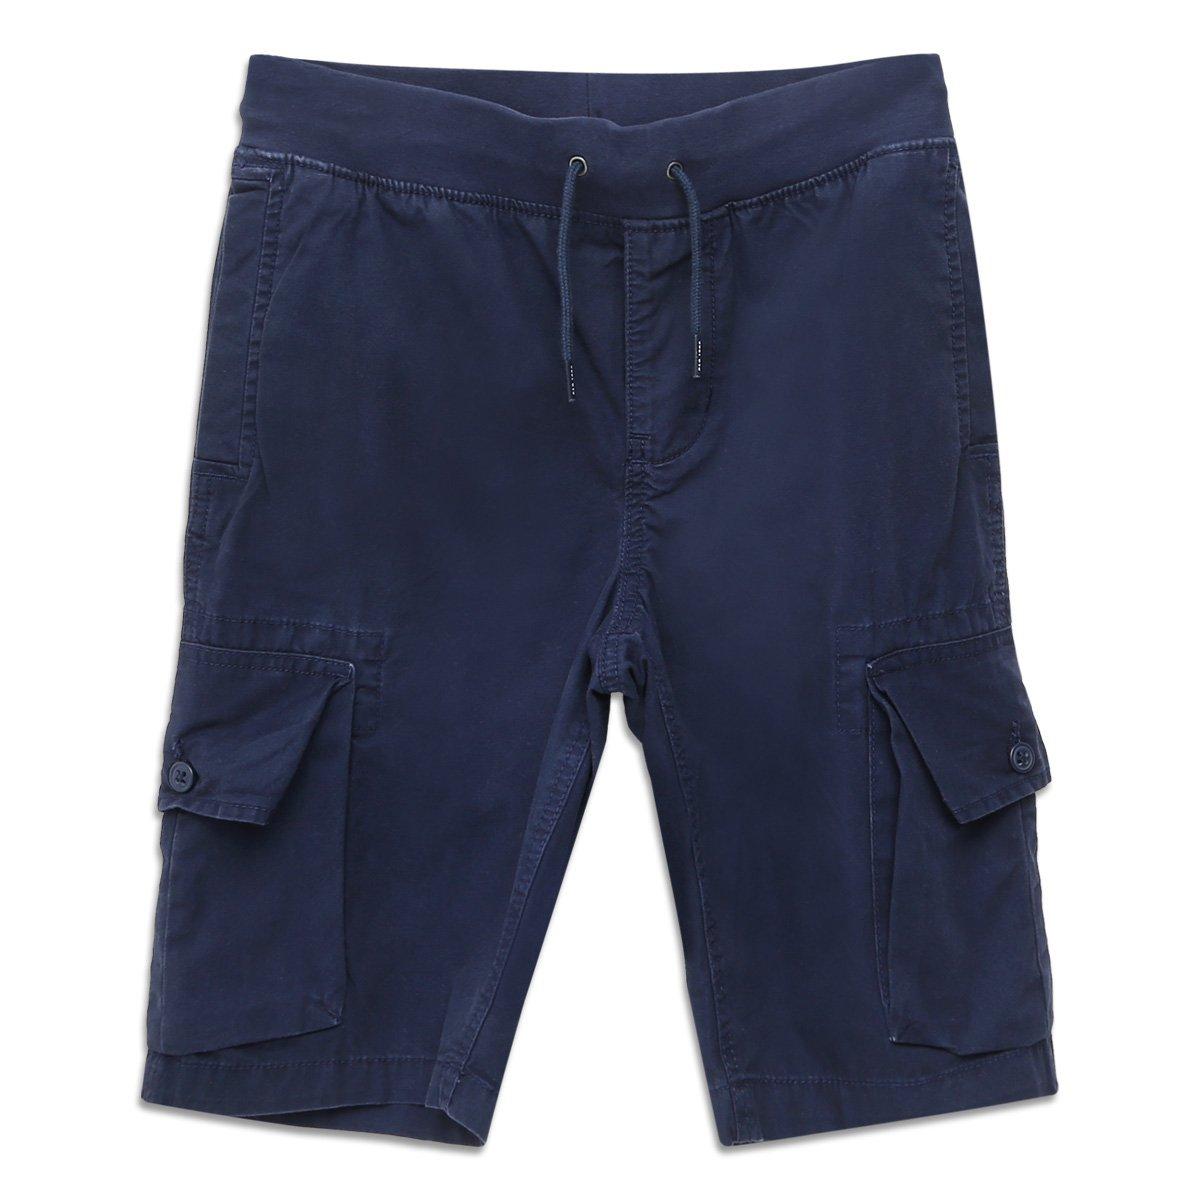 Short Infantil GAP Masculino